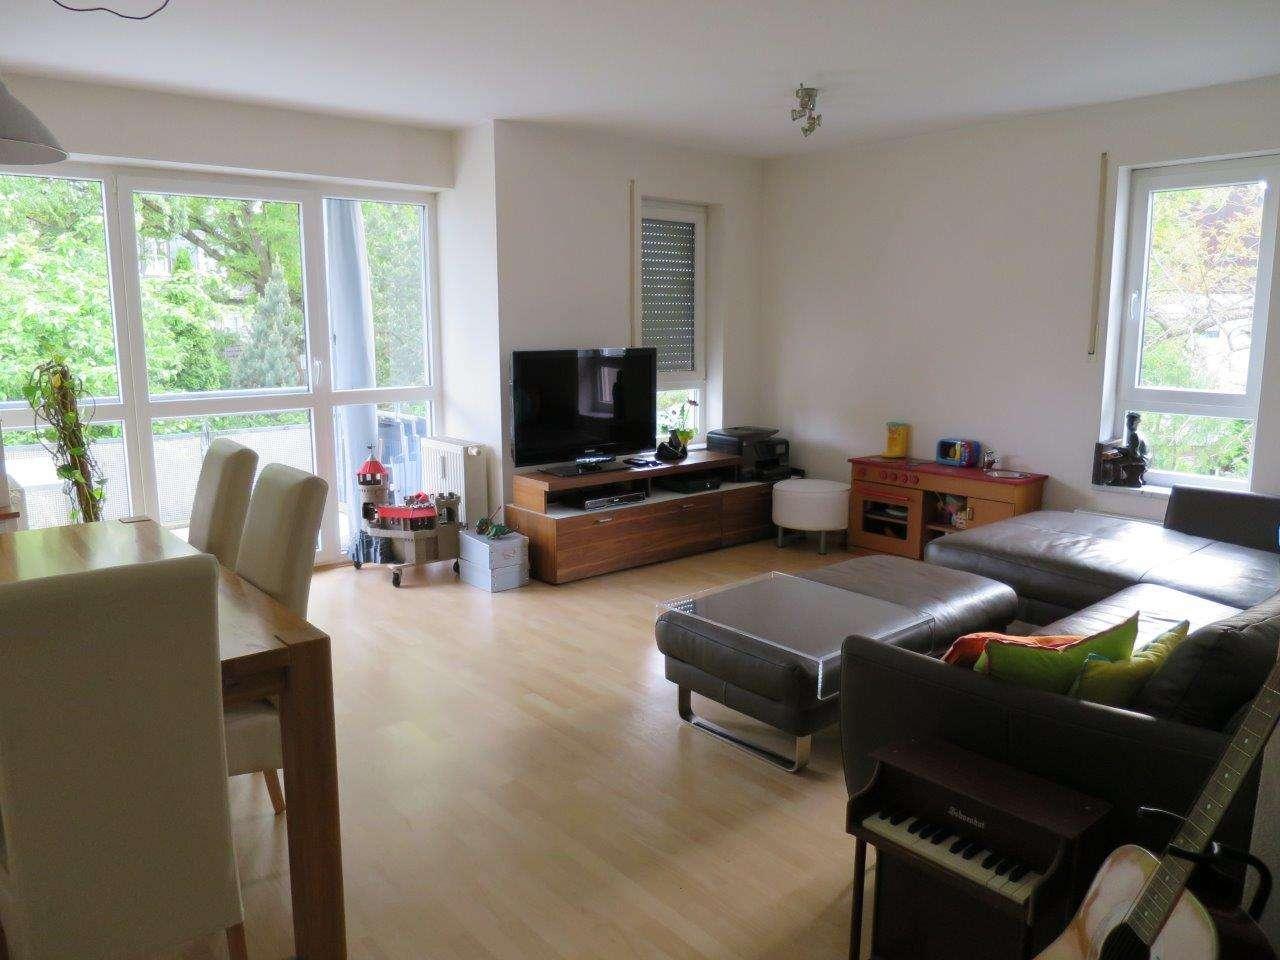 Helle, ruhige 4 Zimmer Wohnung in Hollern, eigener Gartenanteil, Hobbyraum und großer TG Platz in Unterschleißheim